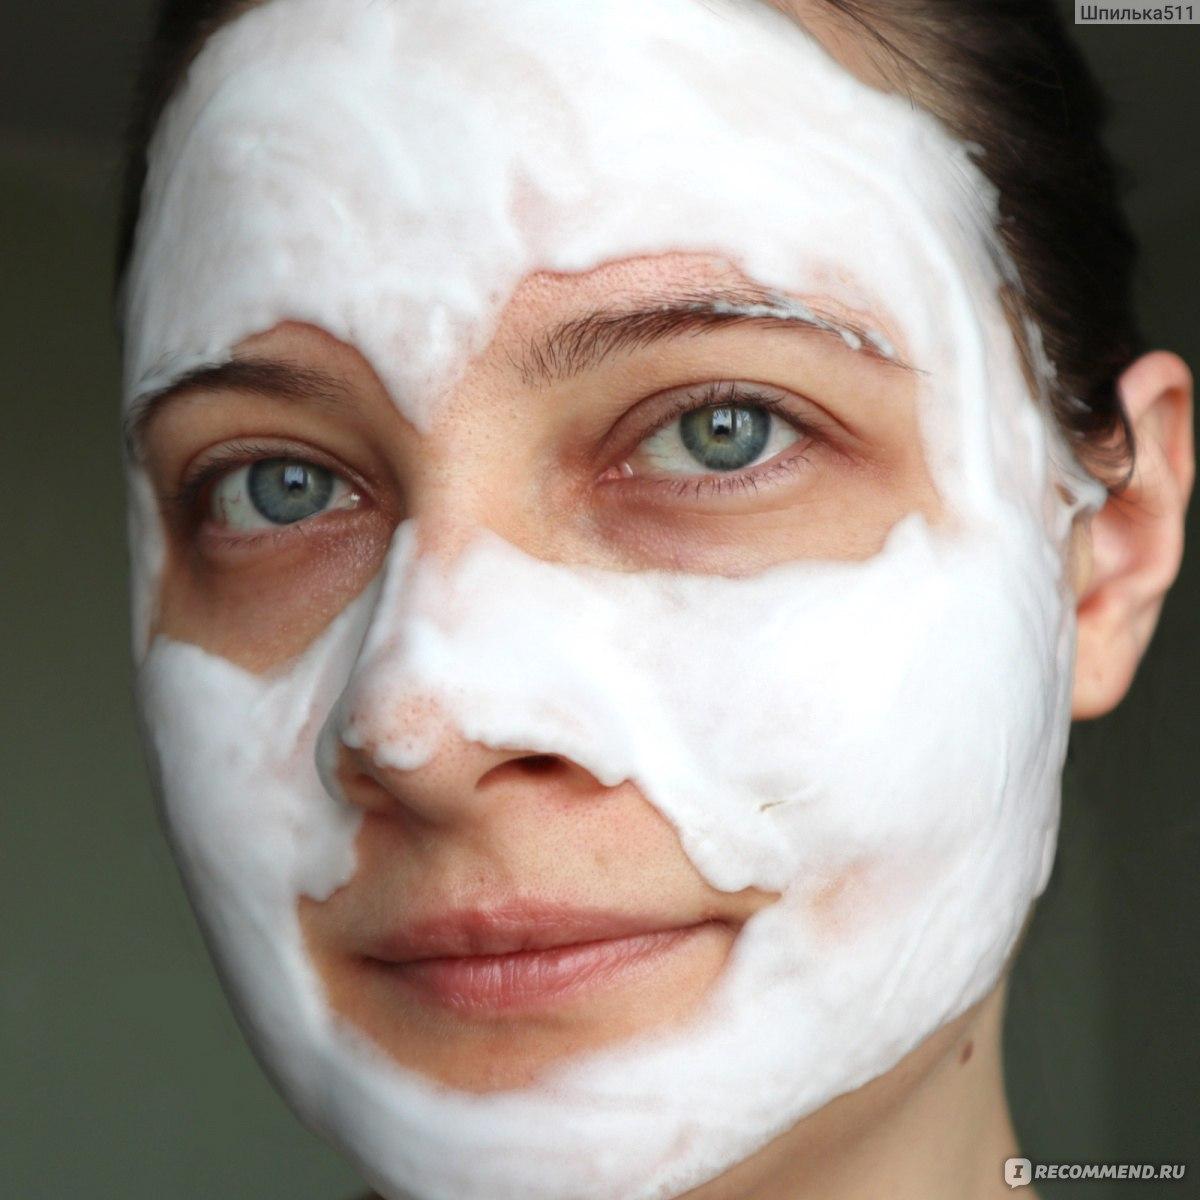 Пена морская очищающая пузырьковая маска для лица шисейдо косметика купить в японии